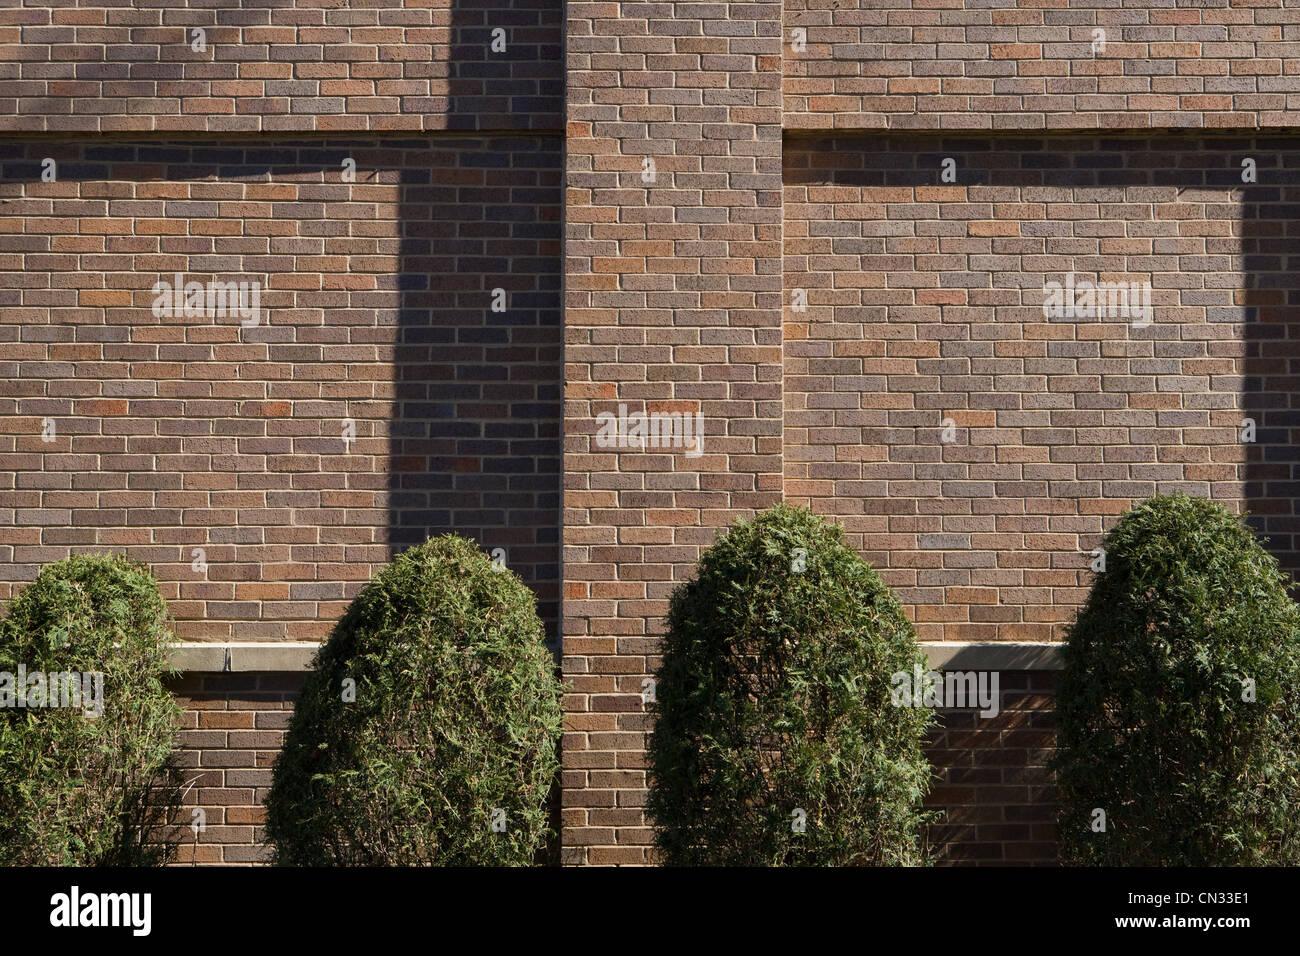 Bushes and brick wall - Stock Image